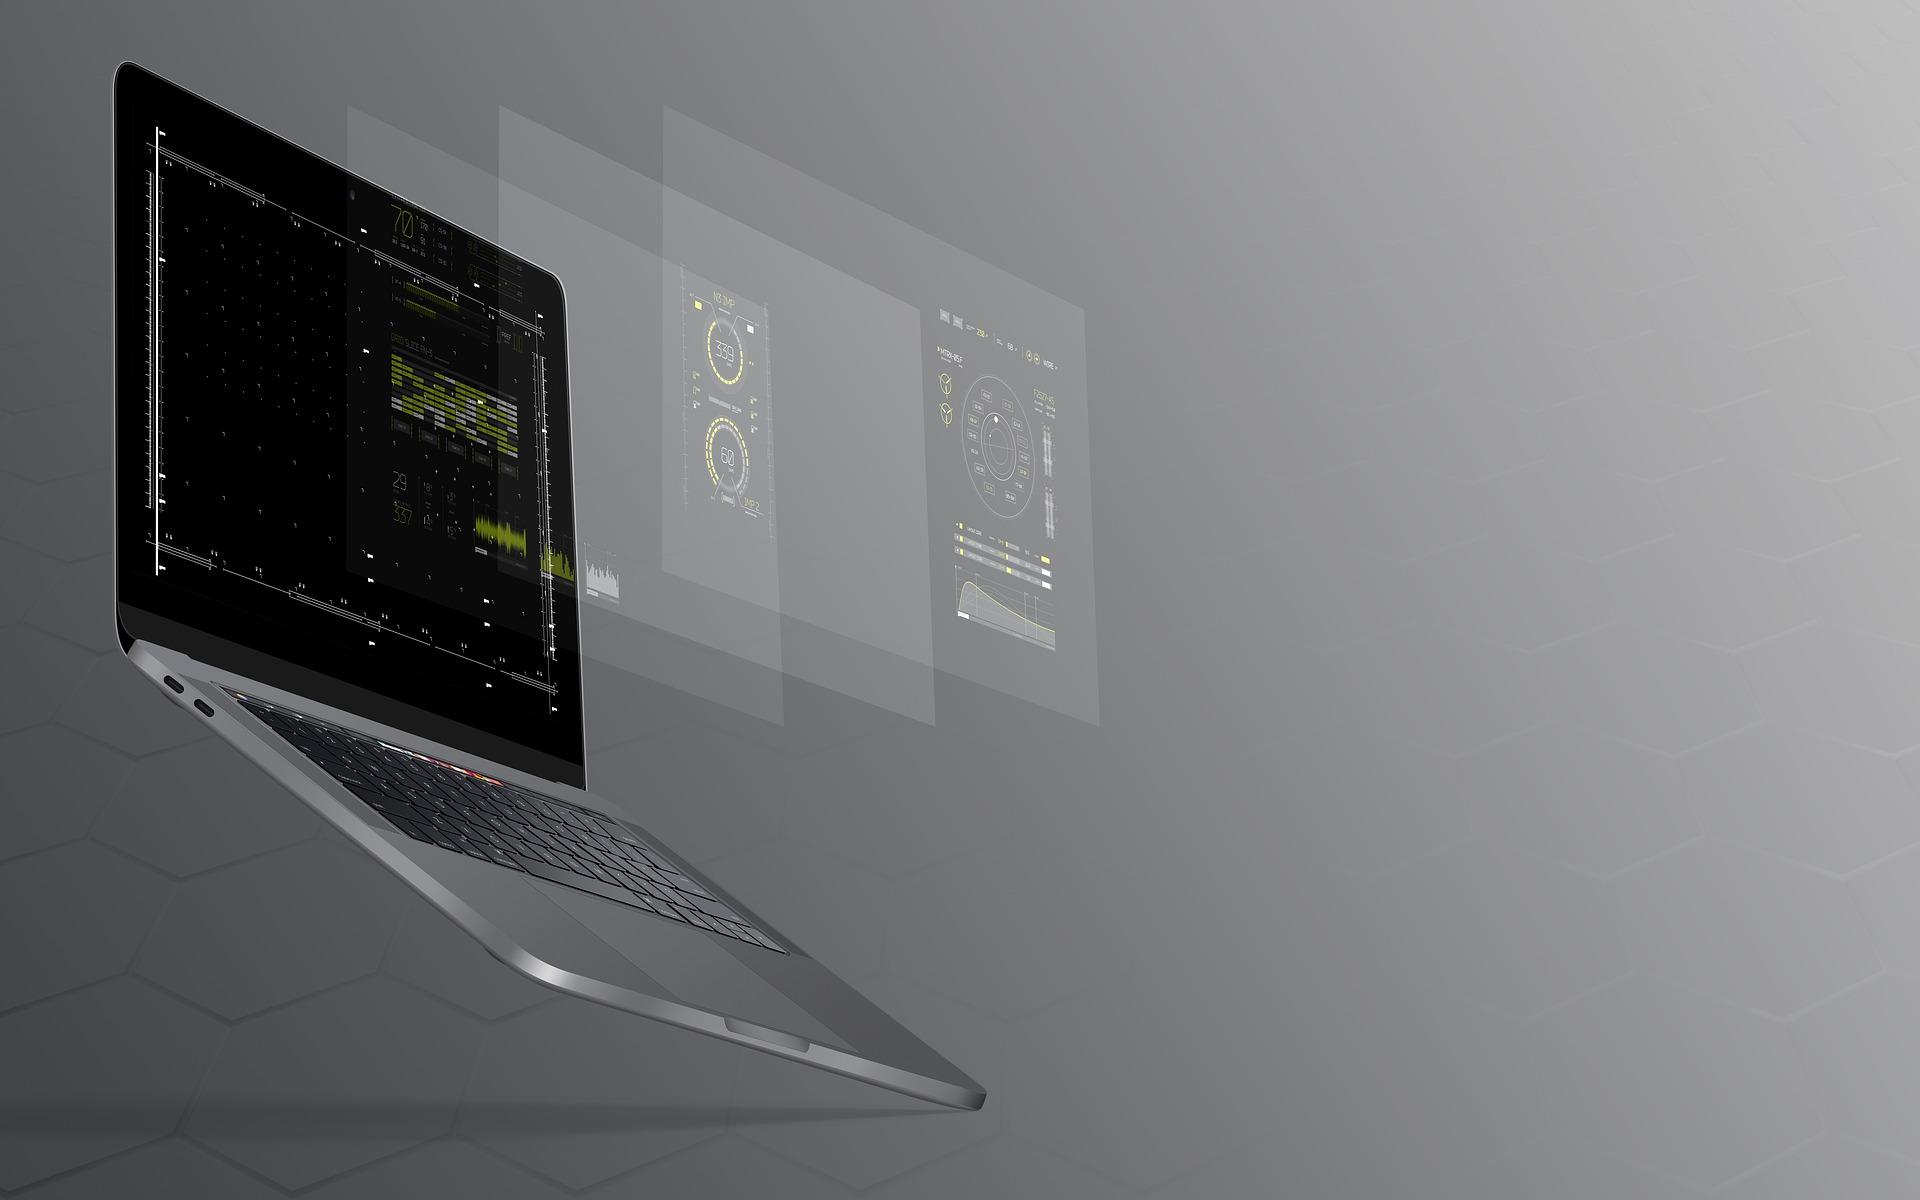 Sistema MV e Tasy